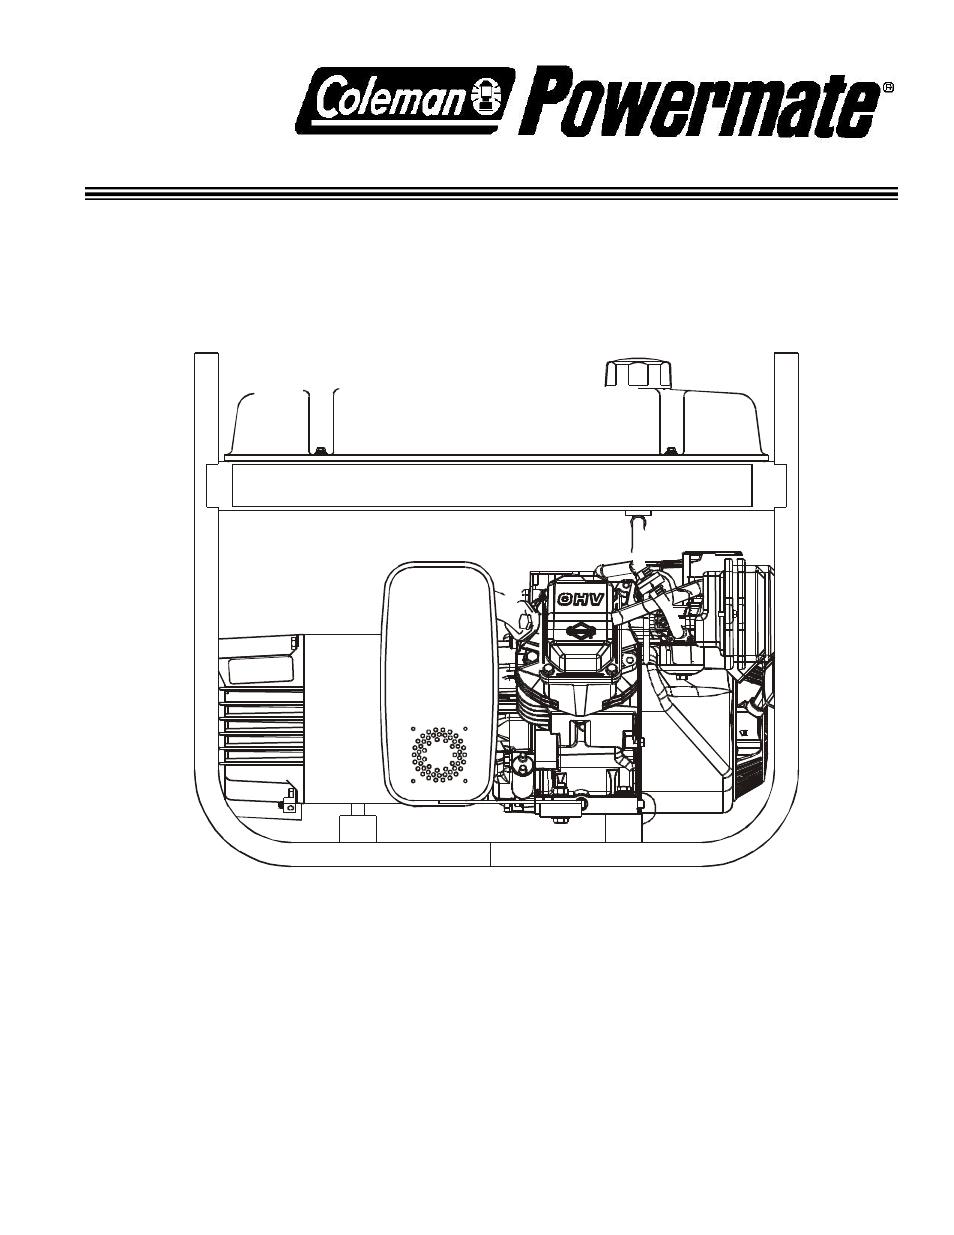 coleman powermate pulse 1750 owners manual